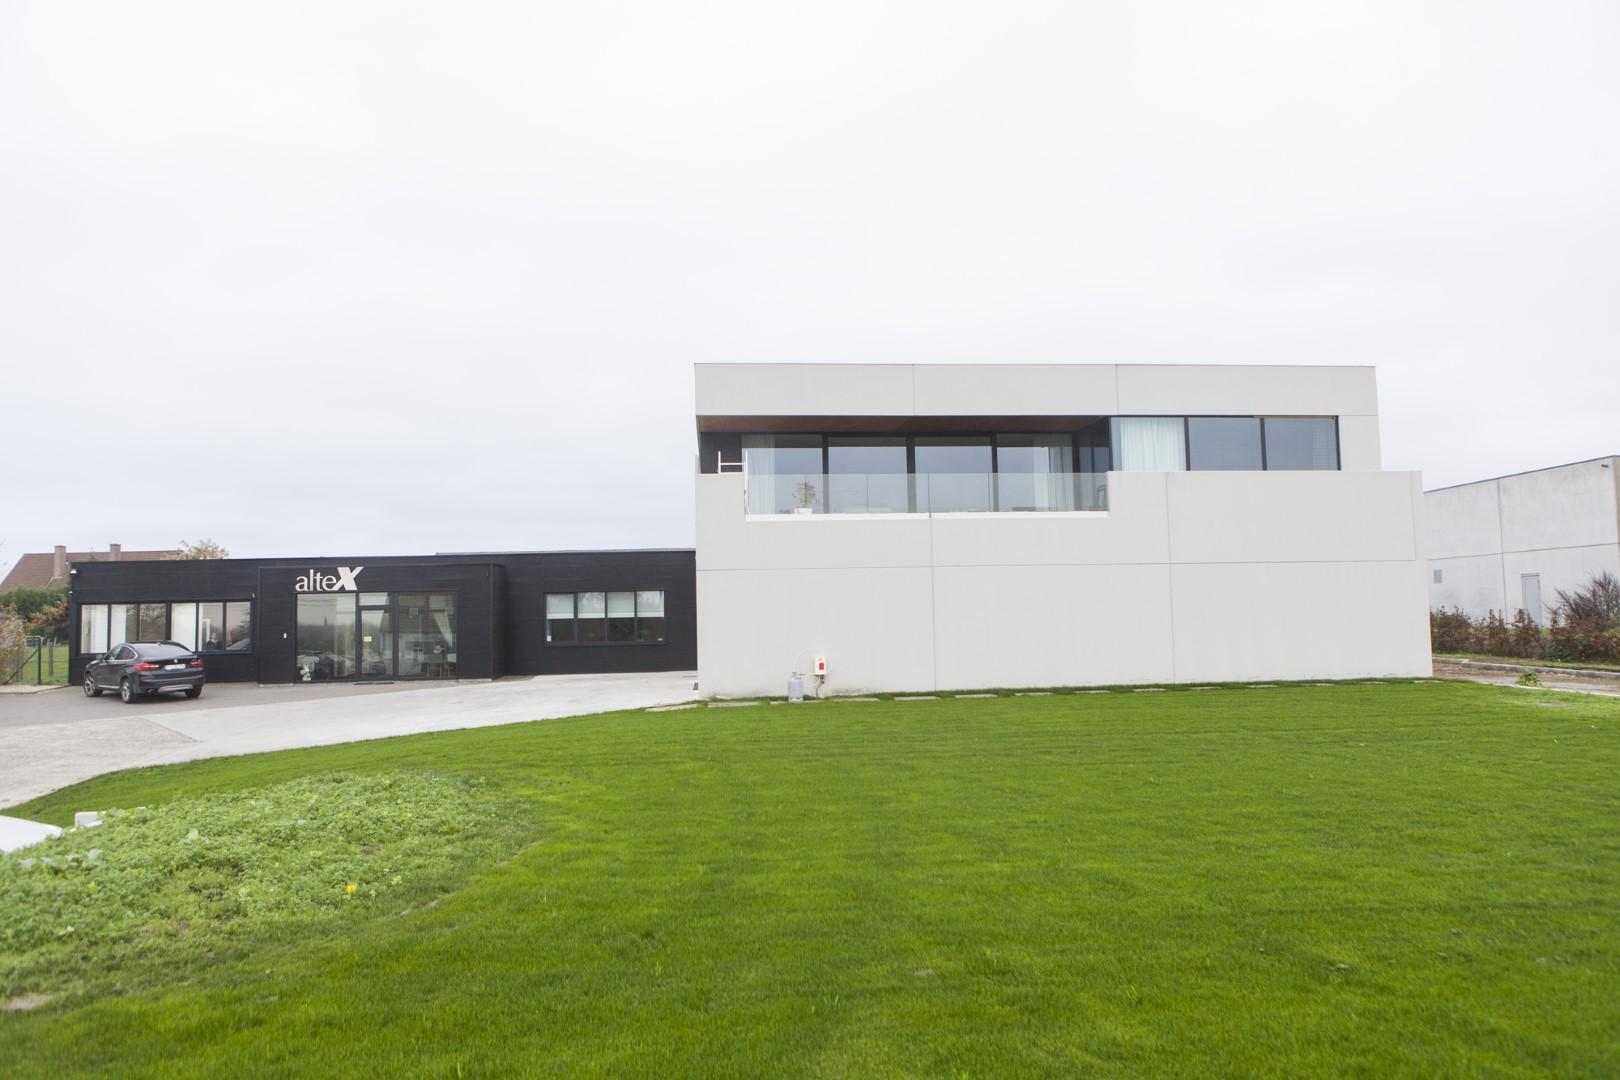 Altex_Sint Eloois Winkel_industriegebouw_werkplaats_atelier_toonzaal_burelen_woning (2).jpg